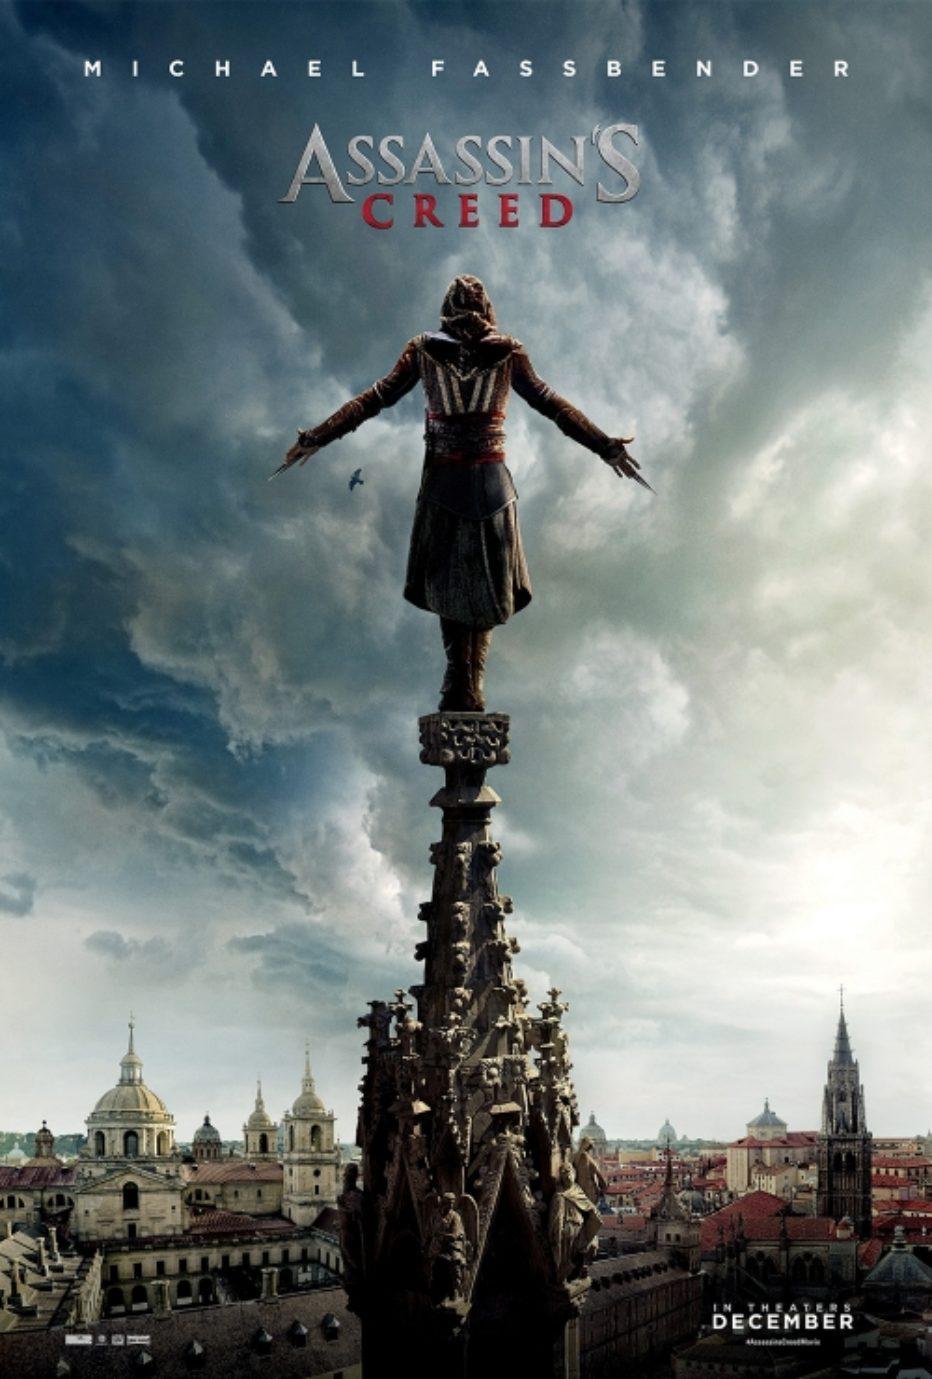 Assassin's Creed (con spoilers)